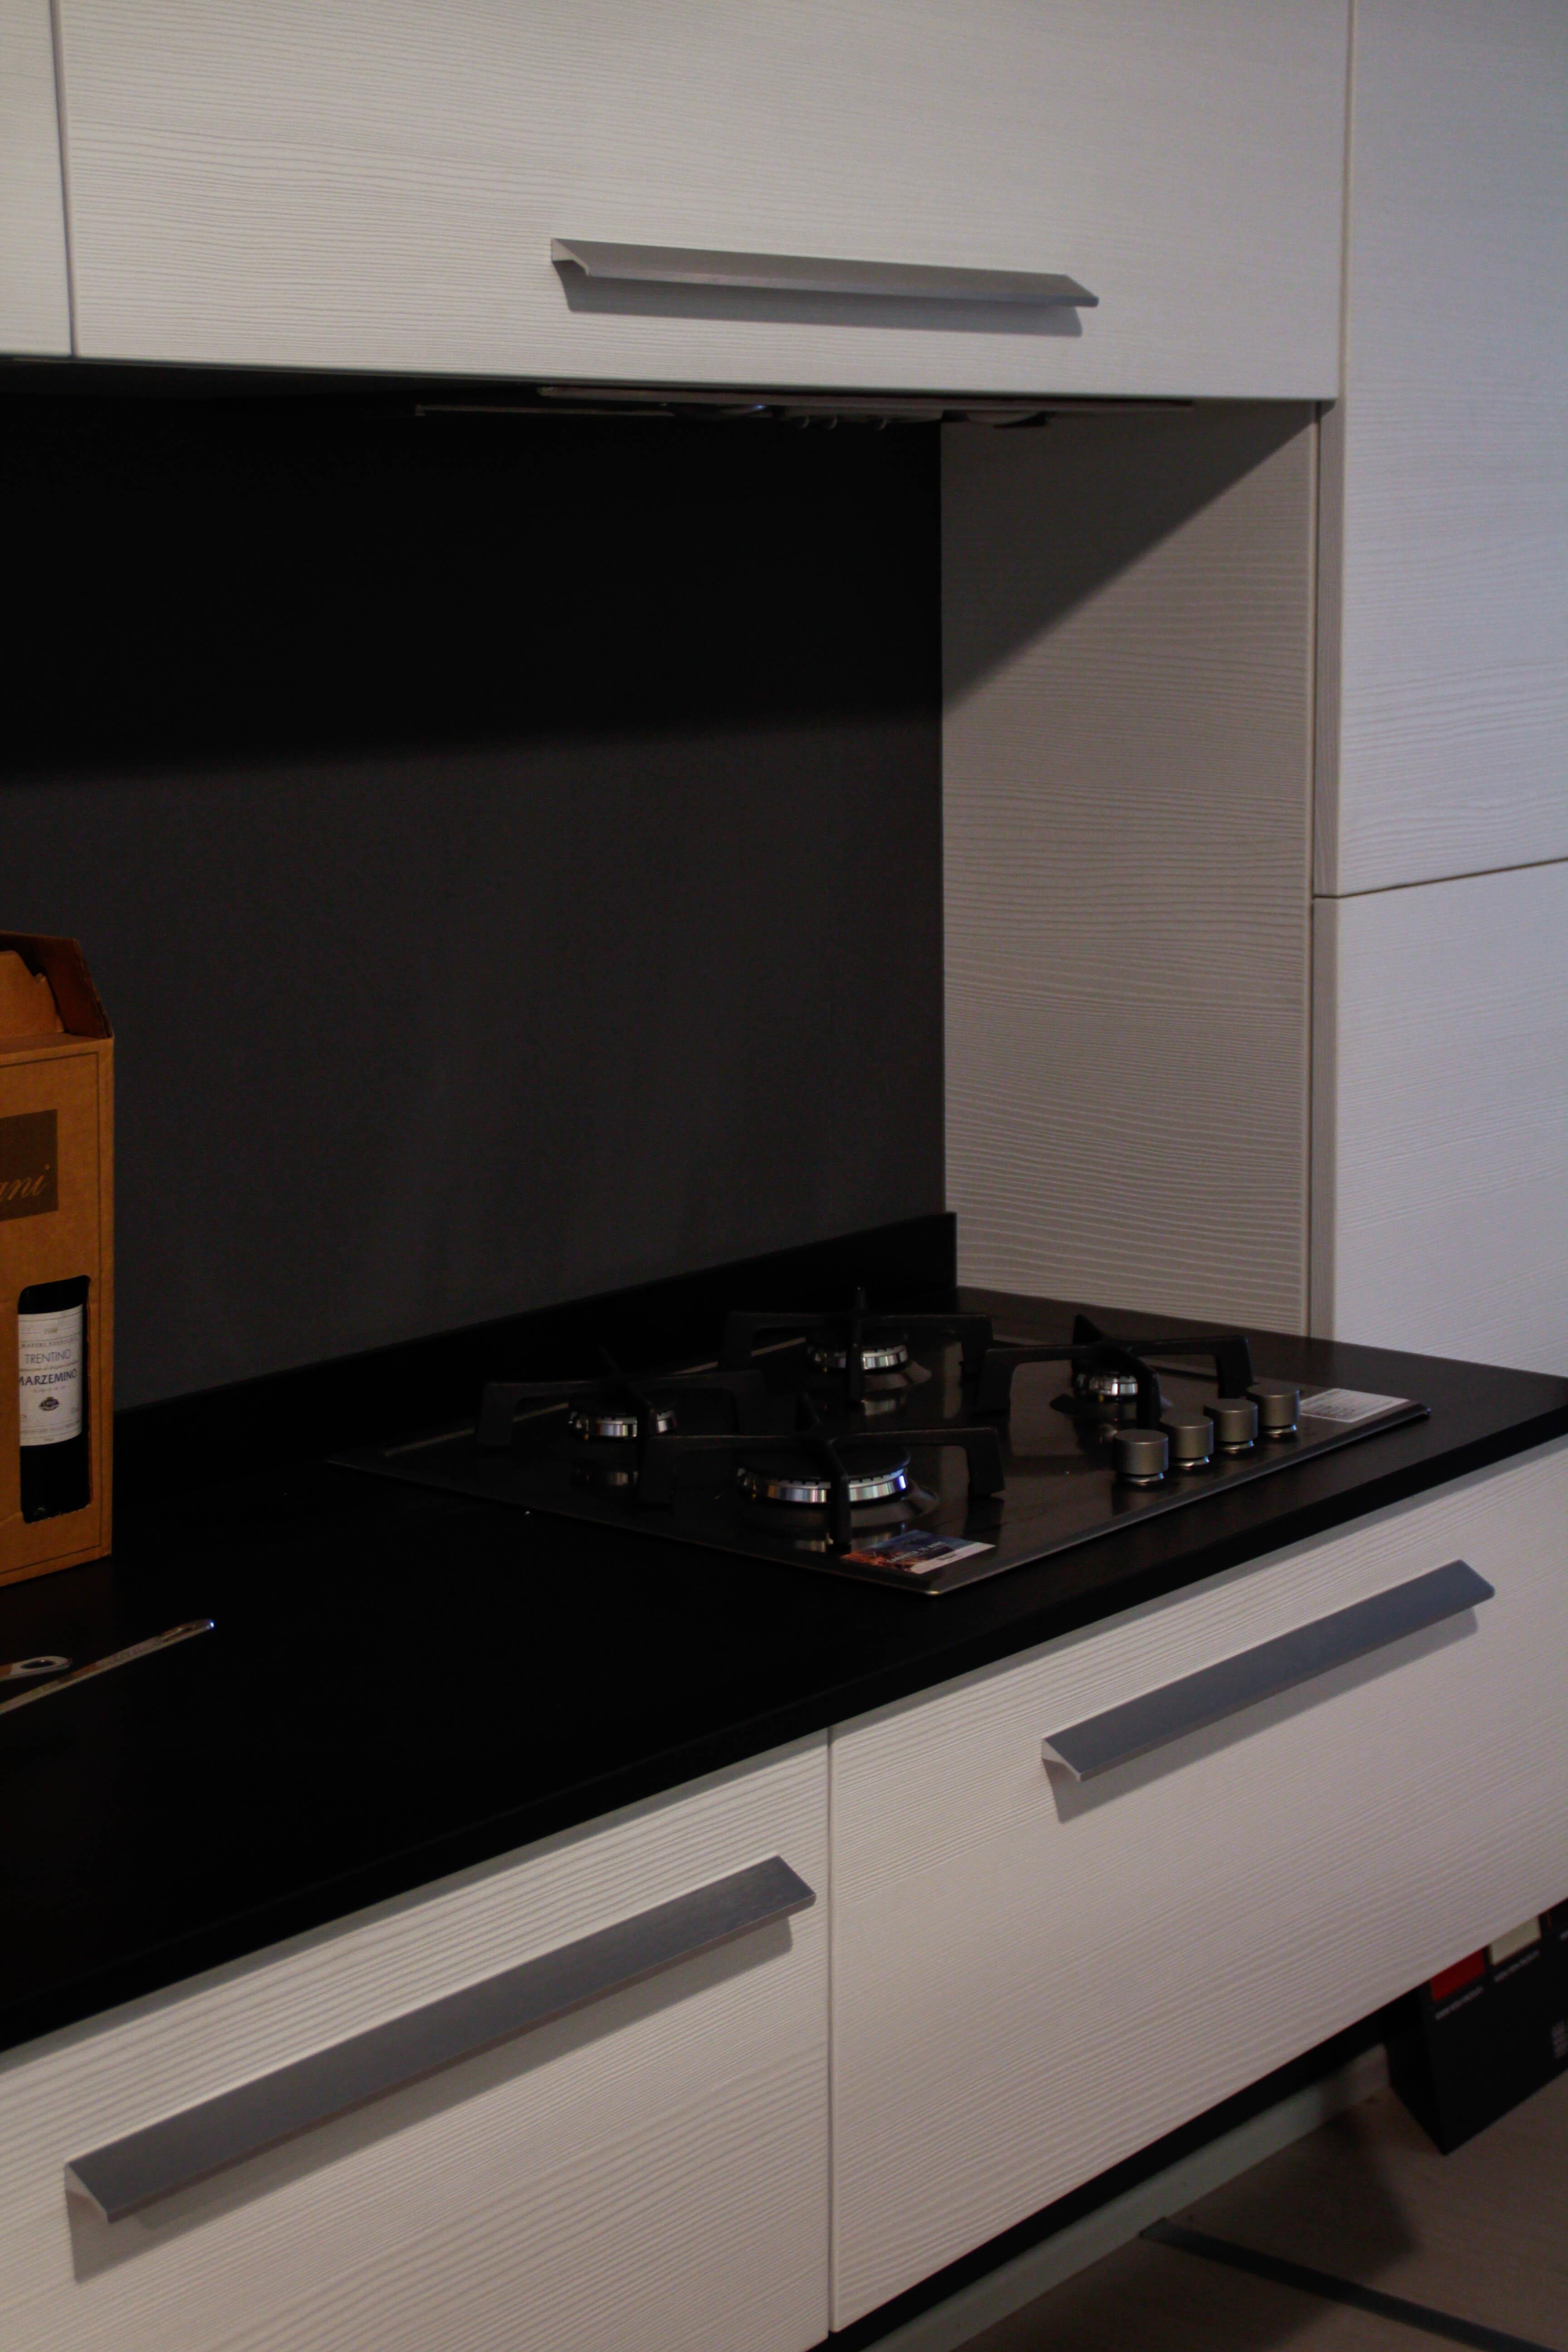 Awesome Pensili Ikea Cucina Pictures - Acomo.us - acomo.us